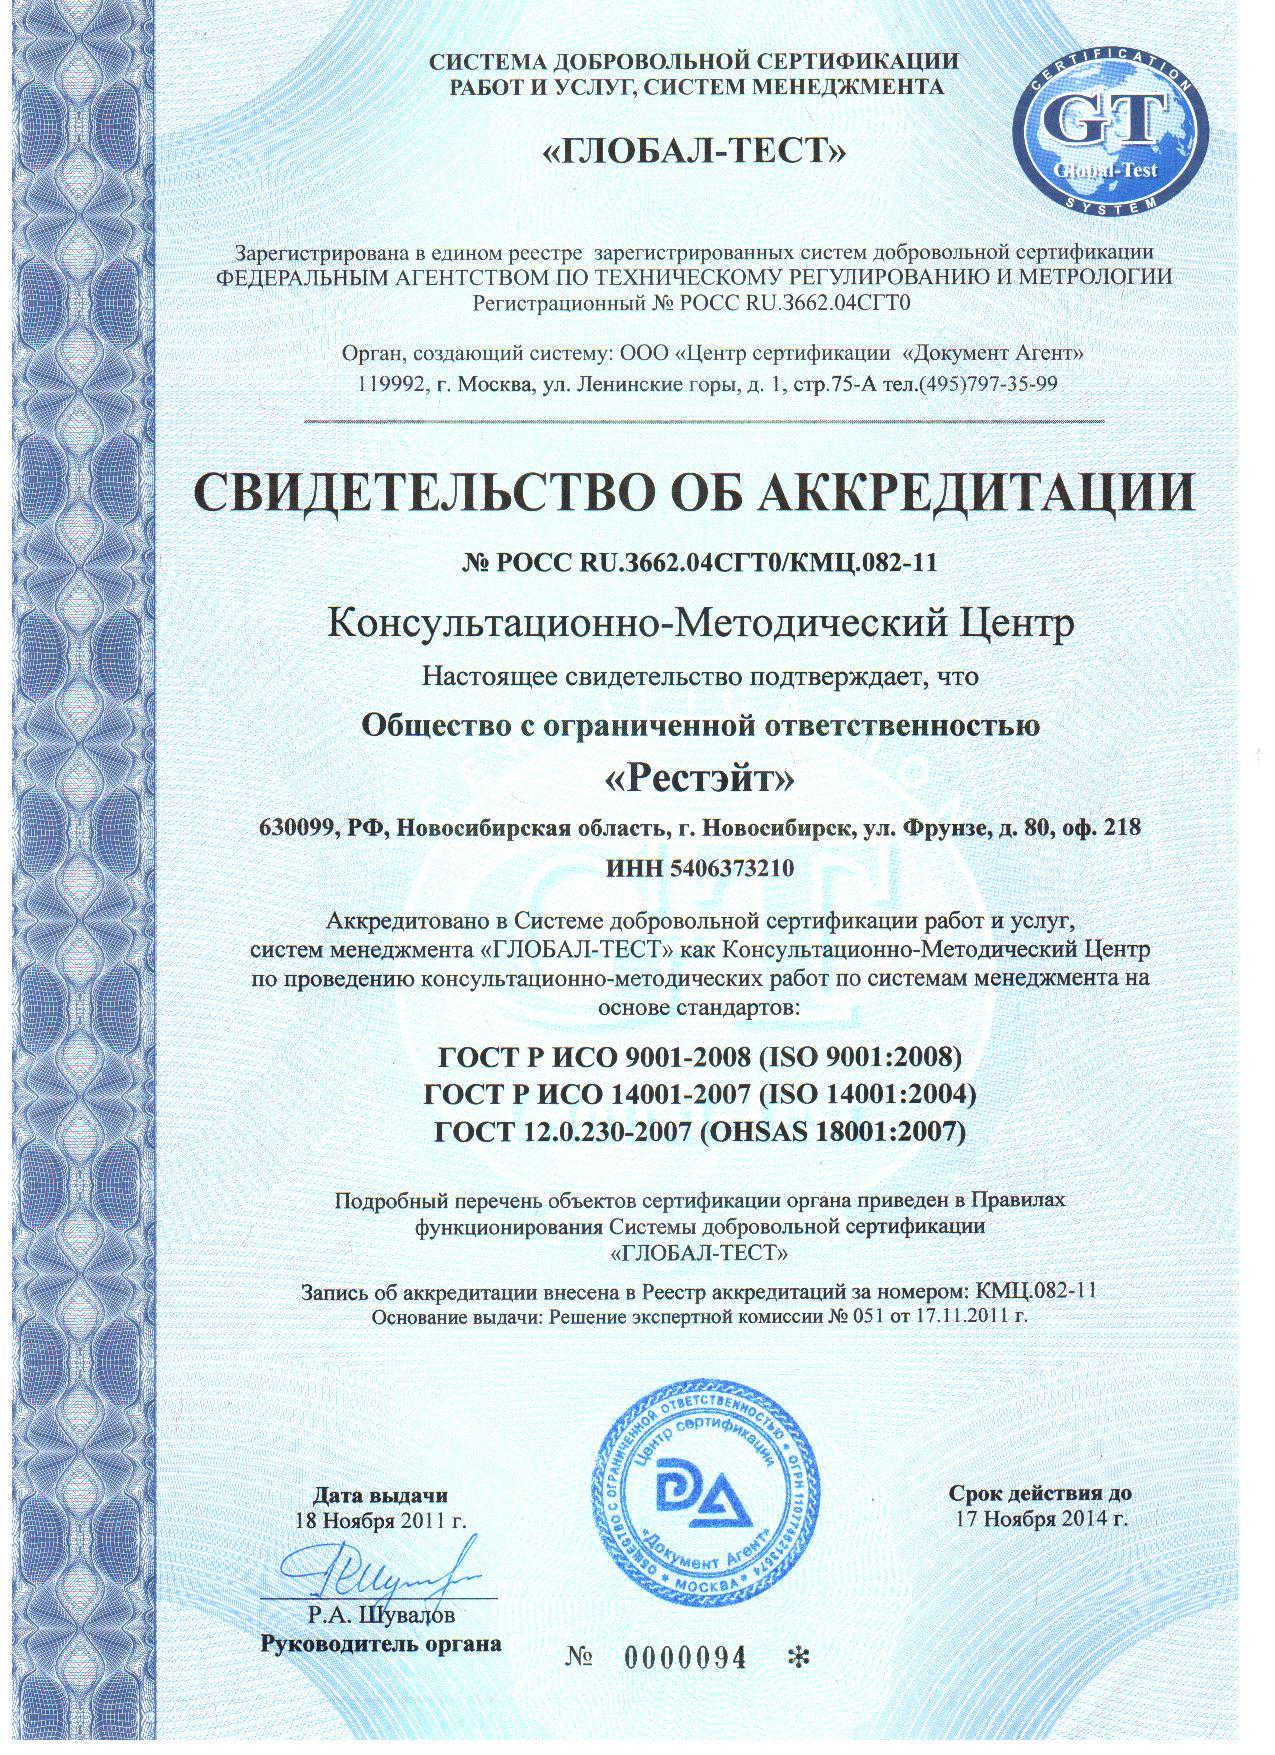 Консультационно методический центр сертификация смк исо 9001 2011 скачать